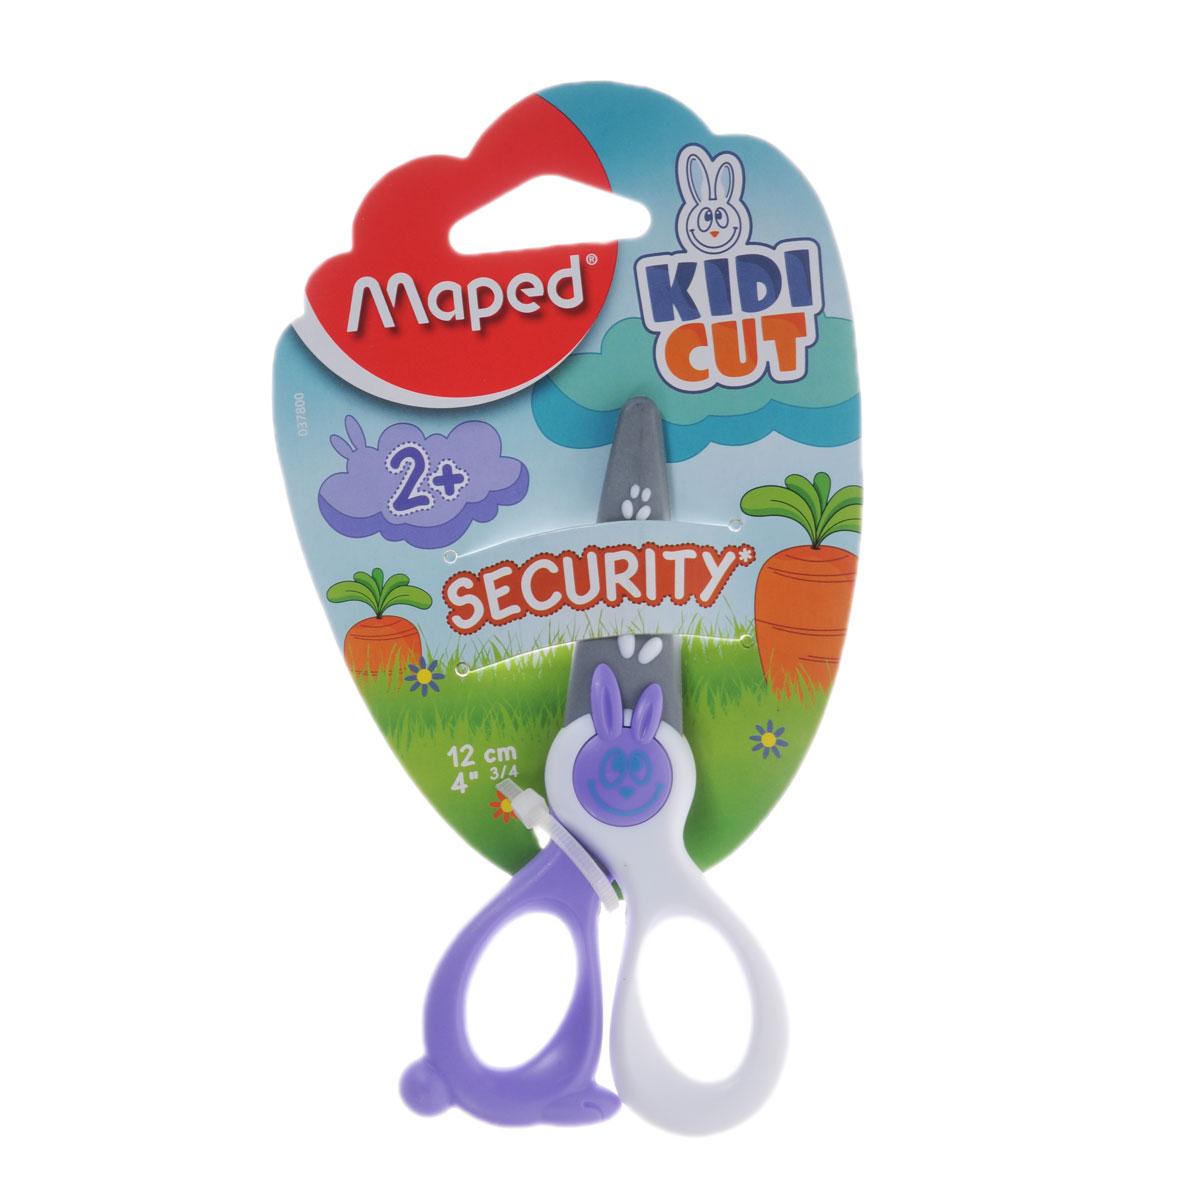 Ножницы детские Maped Security, цвет: сиреневый, белый, 12 смFS-00897Детские ножницы Maped Security с закругленными концами имеют специальные лезвия из фибергласа, которые режут бумагу, но не повредят кожу ребенка, волосы или одежду. Идеальны для обучения обращению с ножницами вашего малыша.Рекомендуемый возраст: от 2 лет.